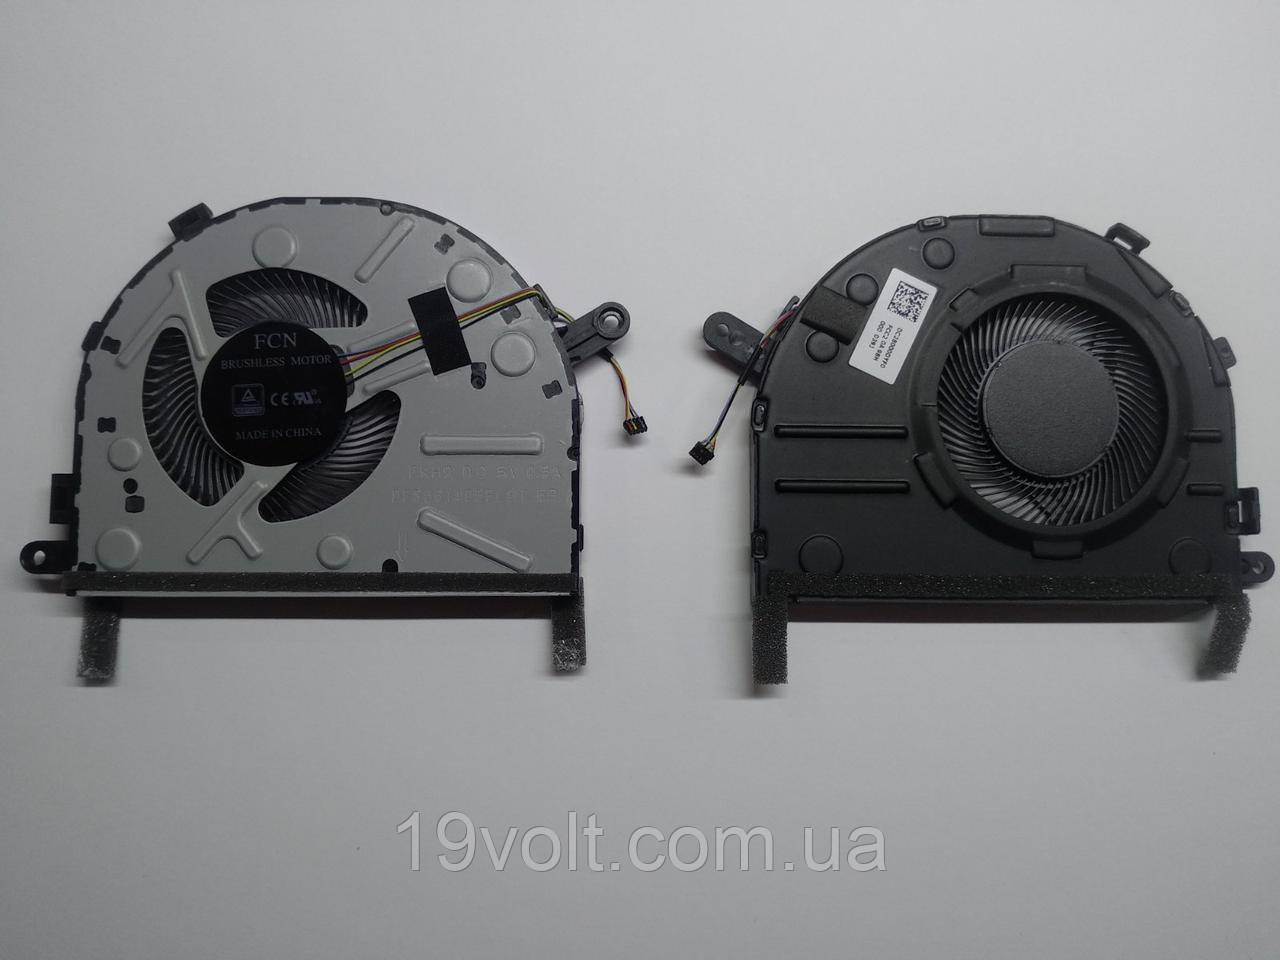 Оригинальный вентилятор для ноутбука LENOVO IdeaPad 330S-15IKB  DC28000DYFo